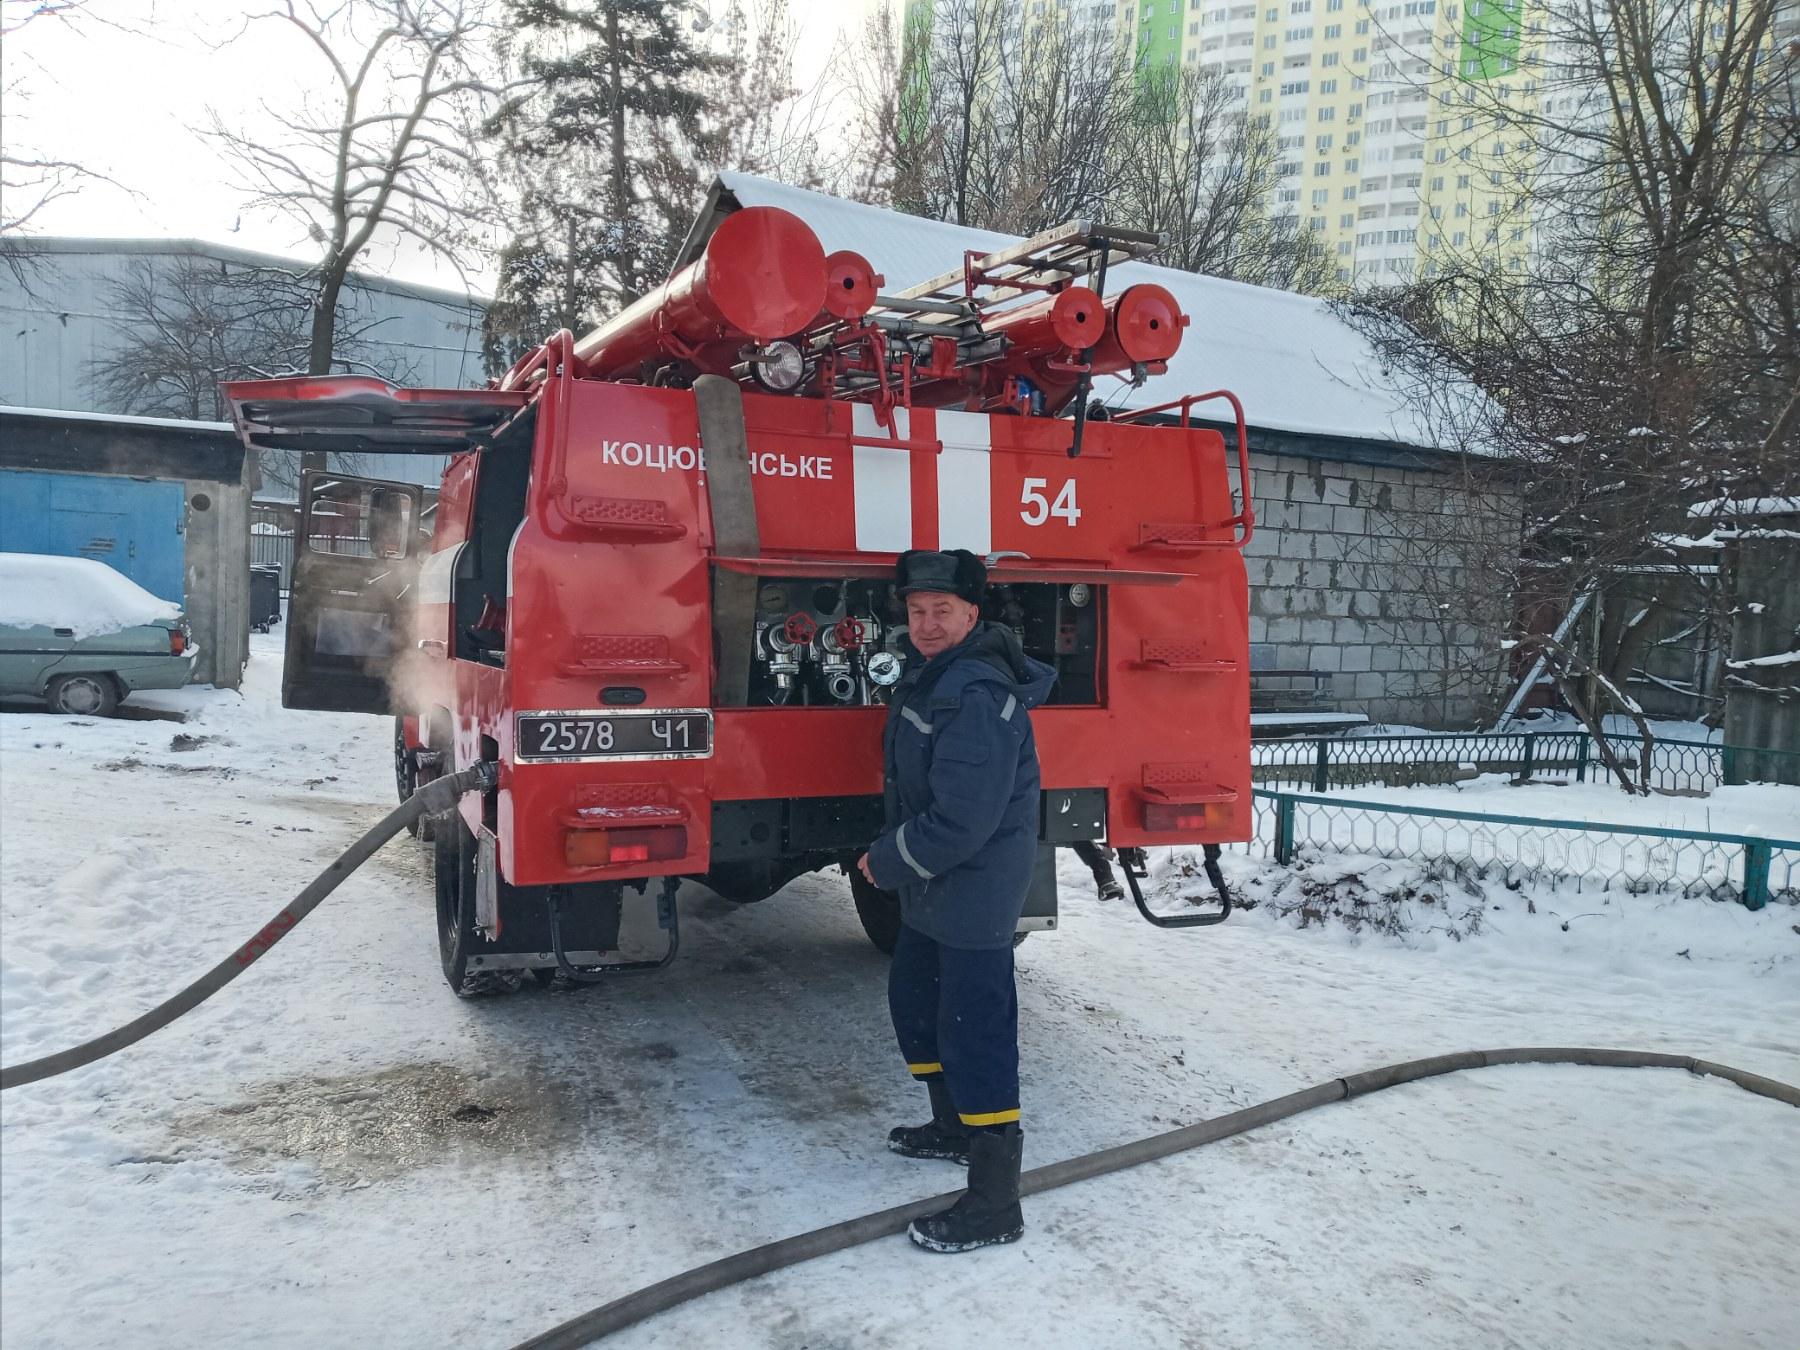 Дерев'яне перекриття будинку загорілося у Коцюбинському - рятувальники, пожежа будинку, Коцюбинська ОТГ, київщина - Koc Ponom 2